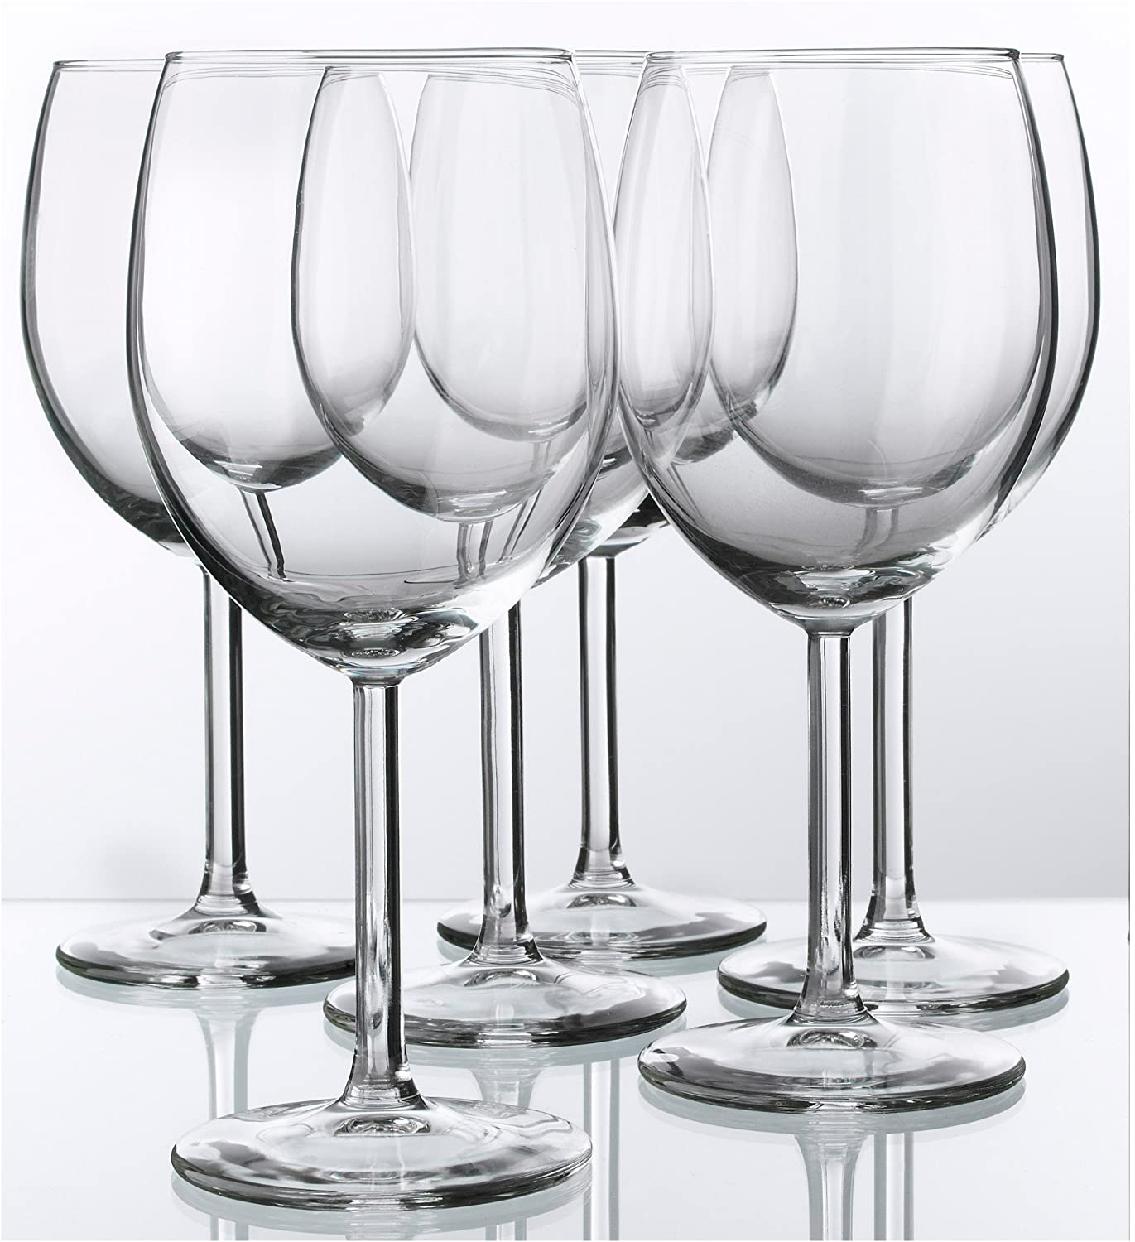 IKEA(イケア) SVALKA 赤ワイングラス 6ピースの商品画像